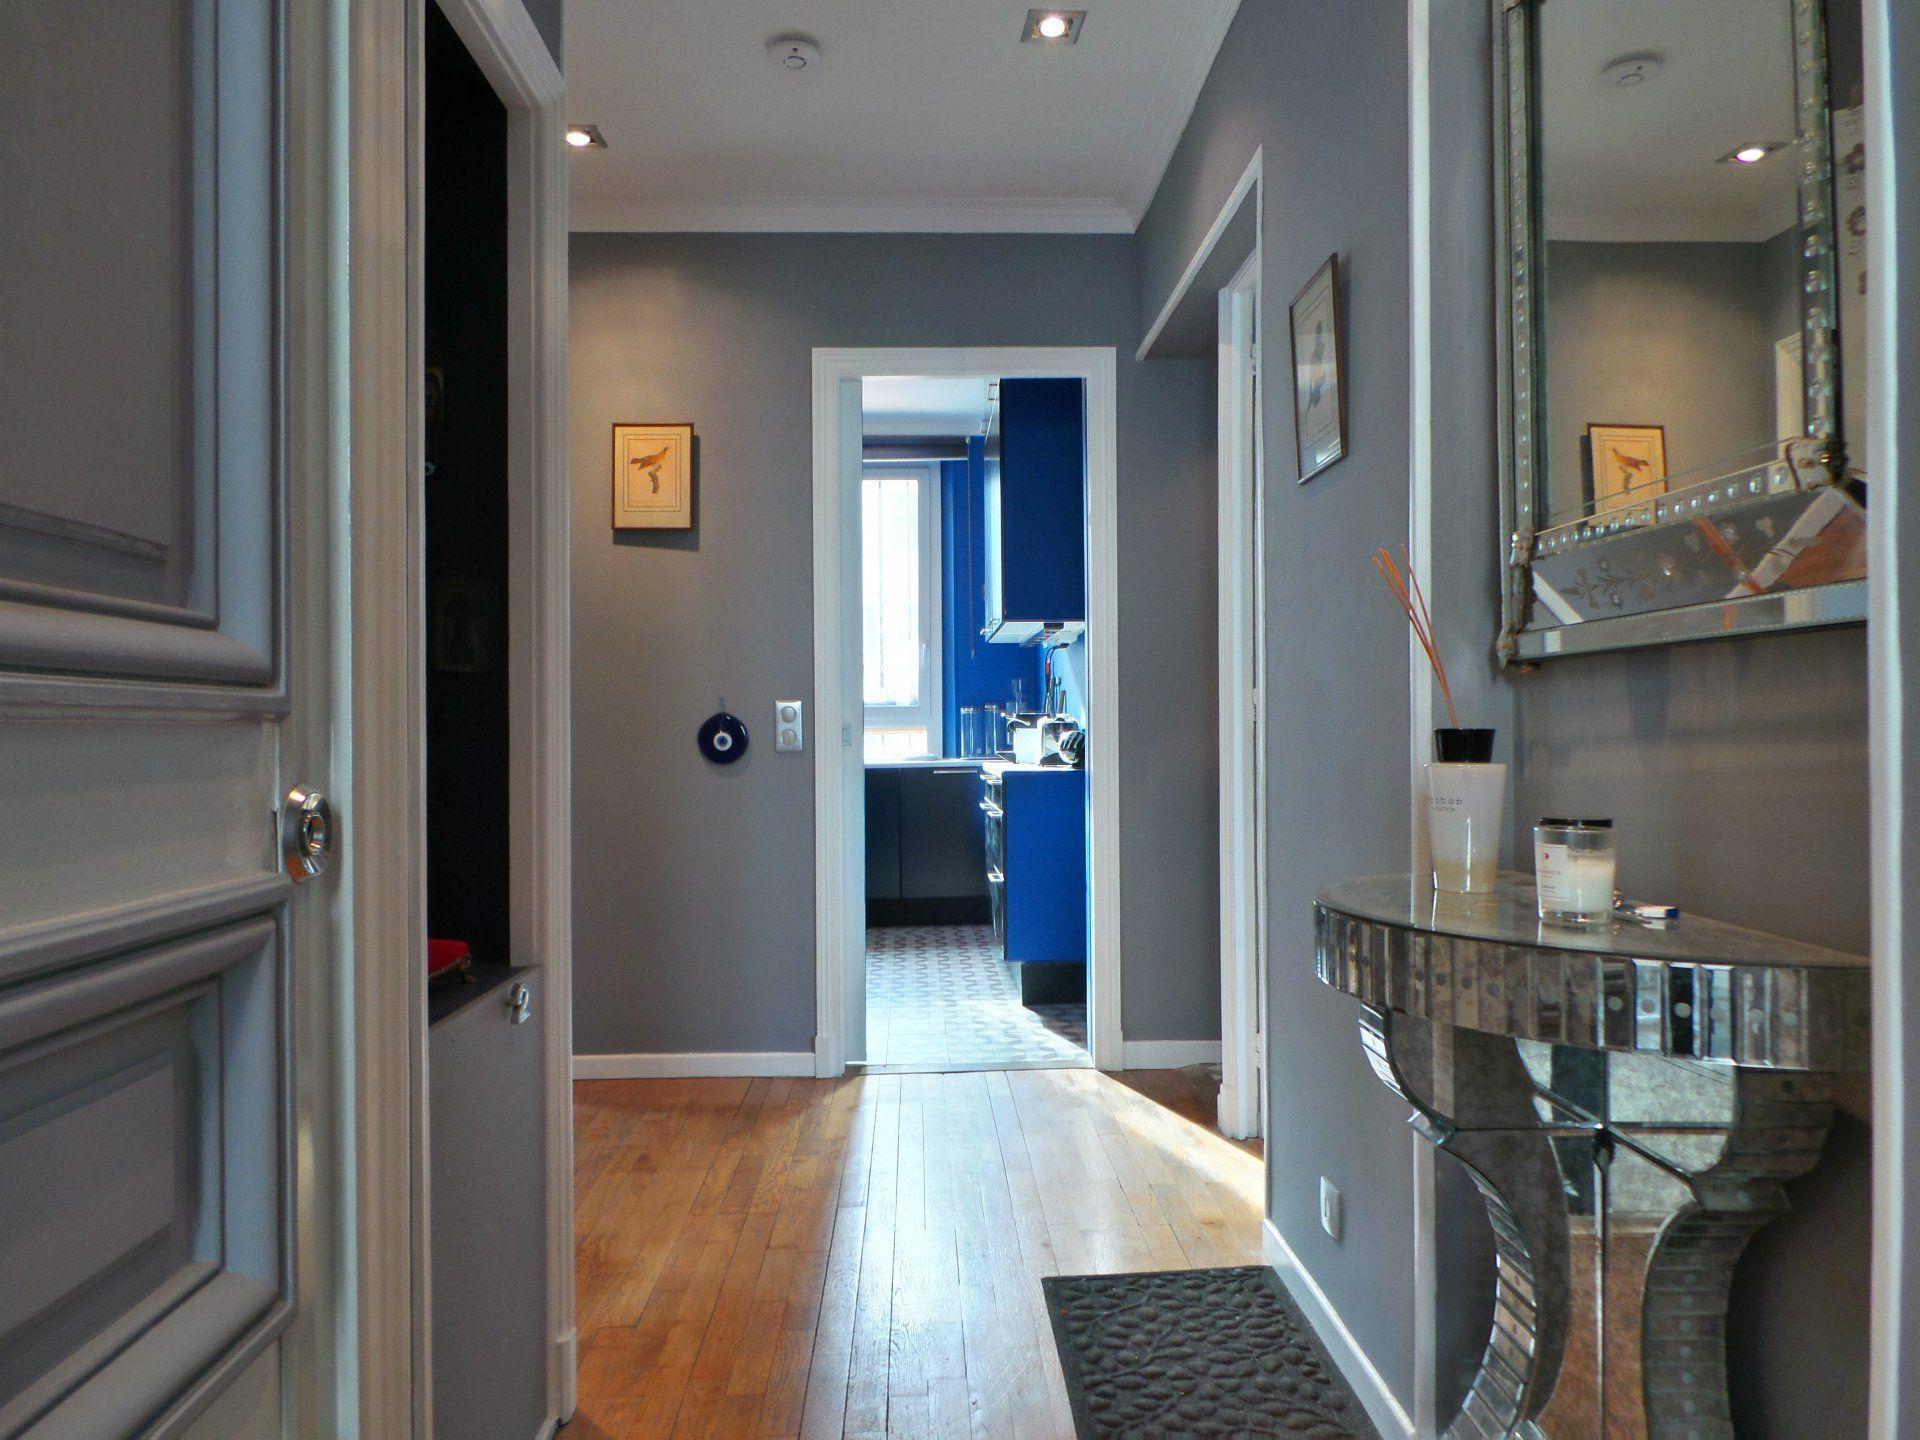 cannes seulement 700 m tres de la croisette dans un immeuble bourgeois cet appartement. Black Bedroom Furniture Sets. Home Design Ideas